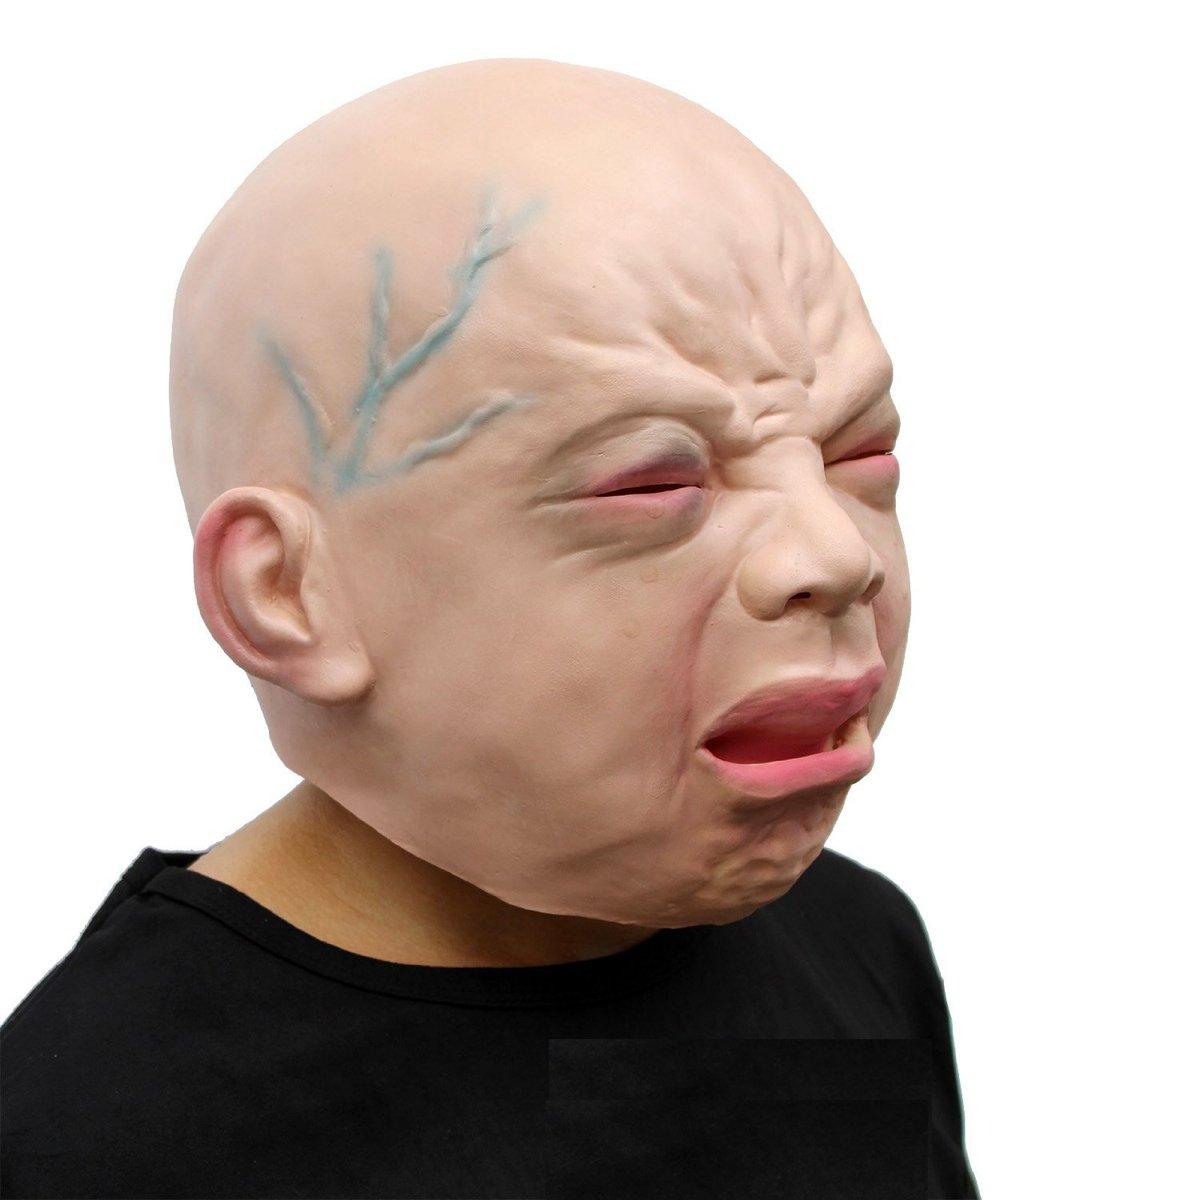 Amazon.com: fanxy novedad – Disfraz para Halloween Party ...